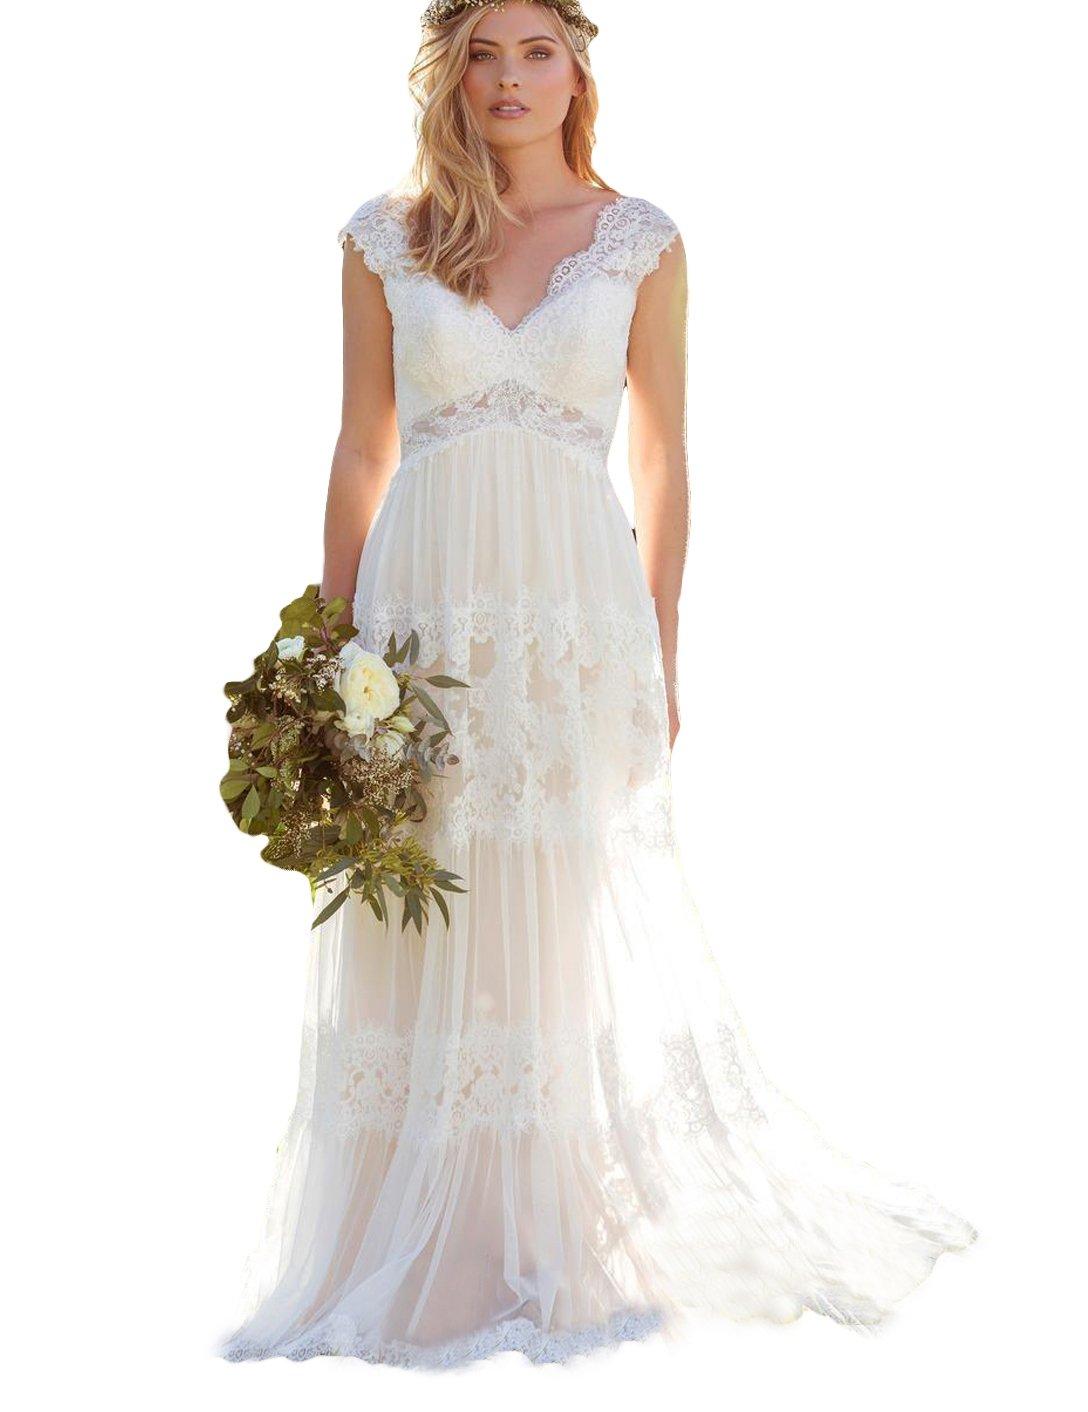 Dressesonline Bohemian Wedding Dresses Lace Bridal Gowns Backless Vestido De Noivas 10